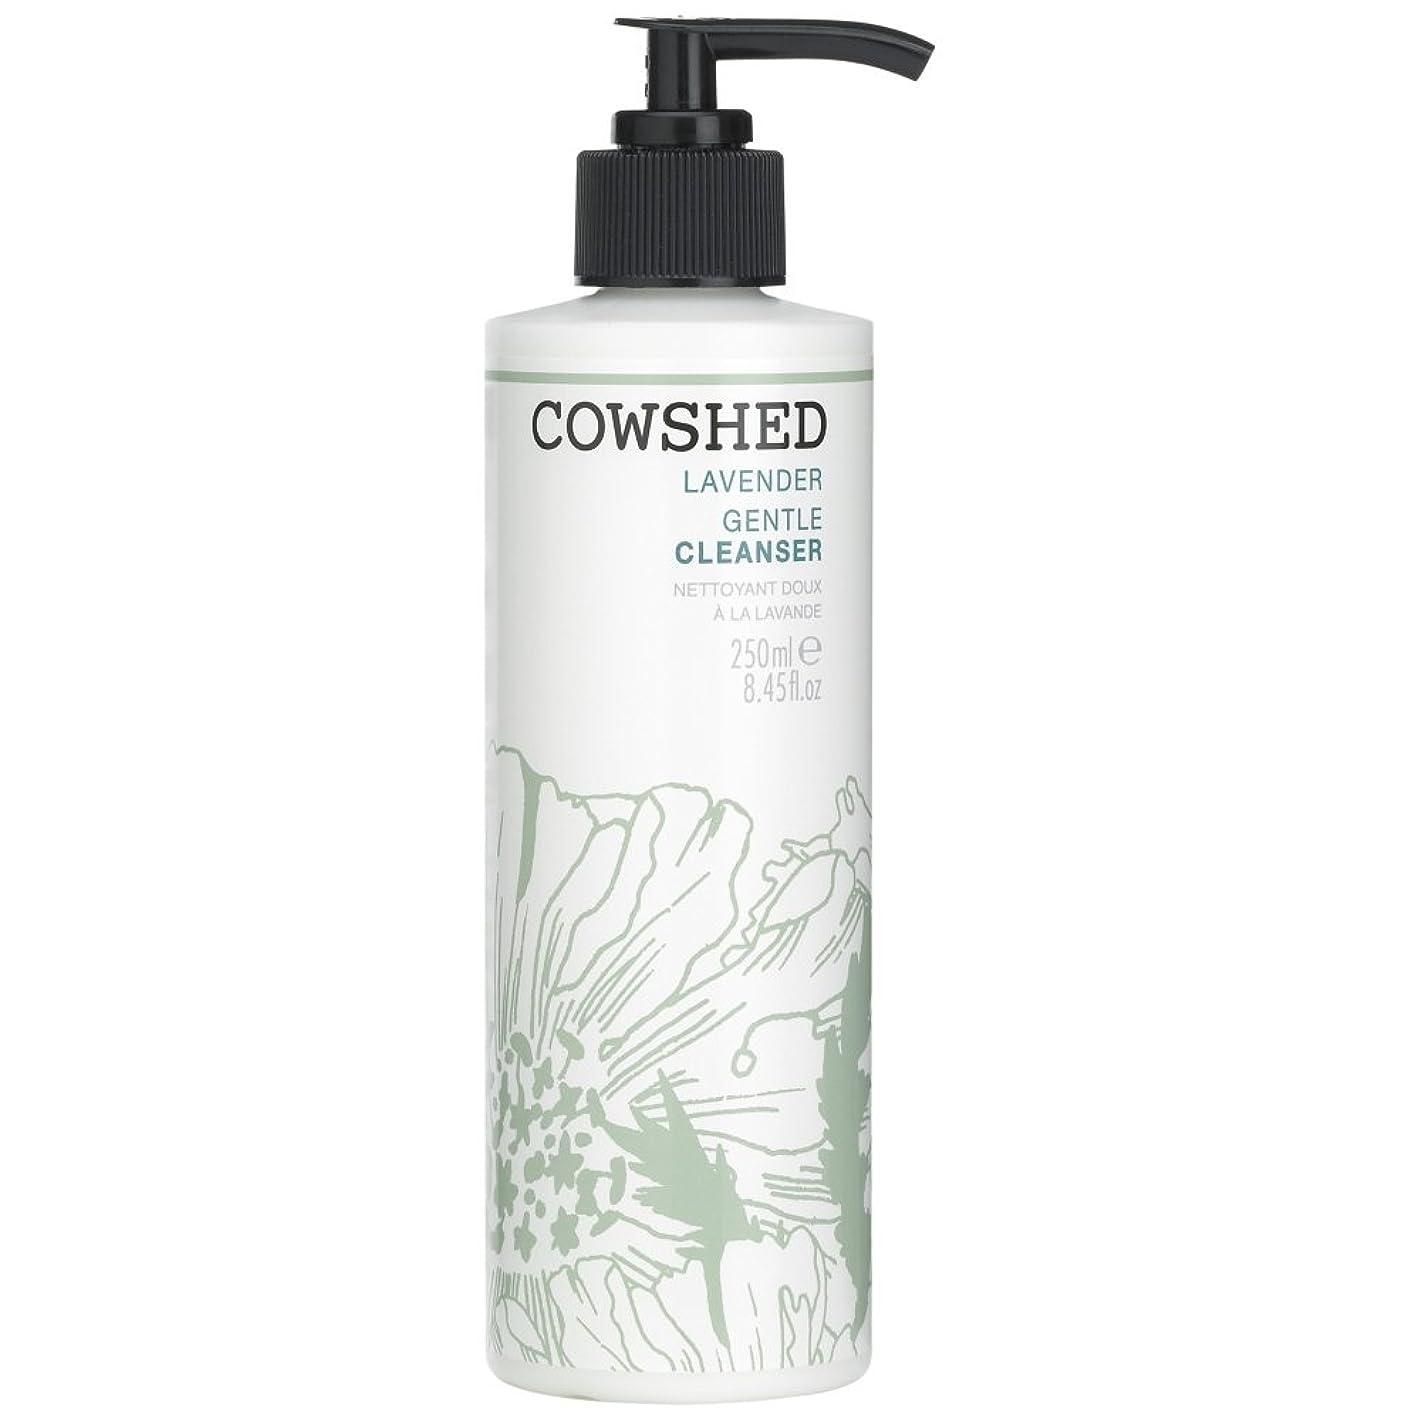 牛舎ラベンダージェントルクレンザー、250ミリリットル (Cowshed) (x6) - Cowshed Lavender Gentle Cleanser, 250ml (Pack of 6) [並行輸入品]